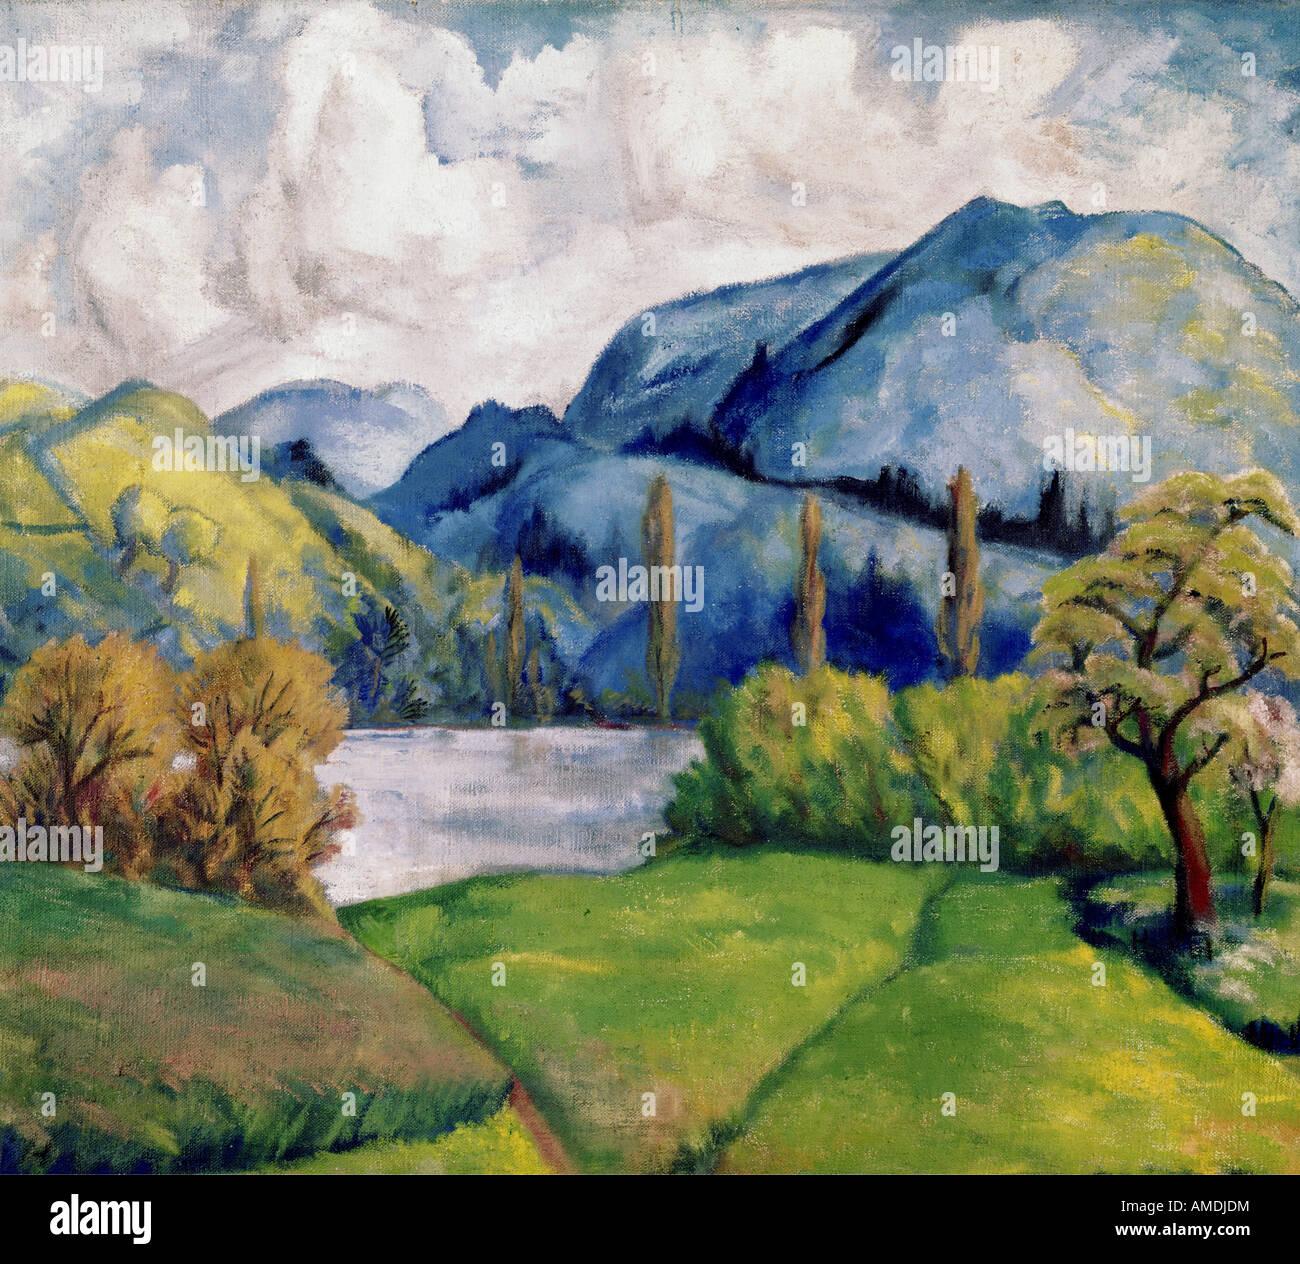 Bildende Kunst, Cezanne, Paul, (1839-1906), Malerei, Kunsthaus Zürich, Französisch, Impressionsm, Natur, Stockbild